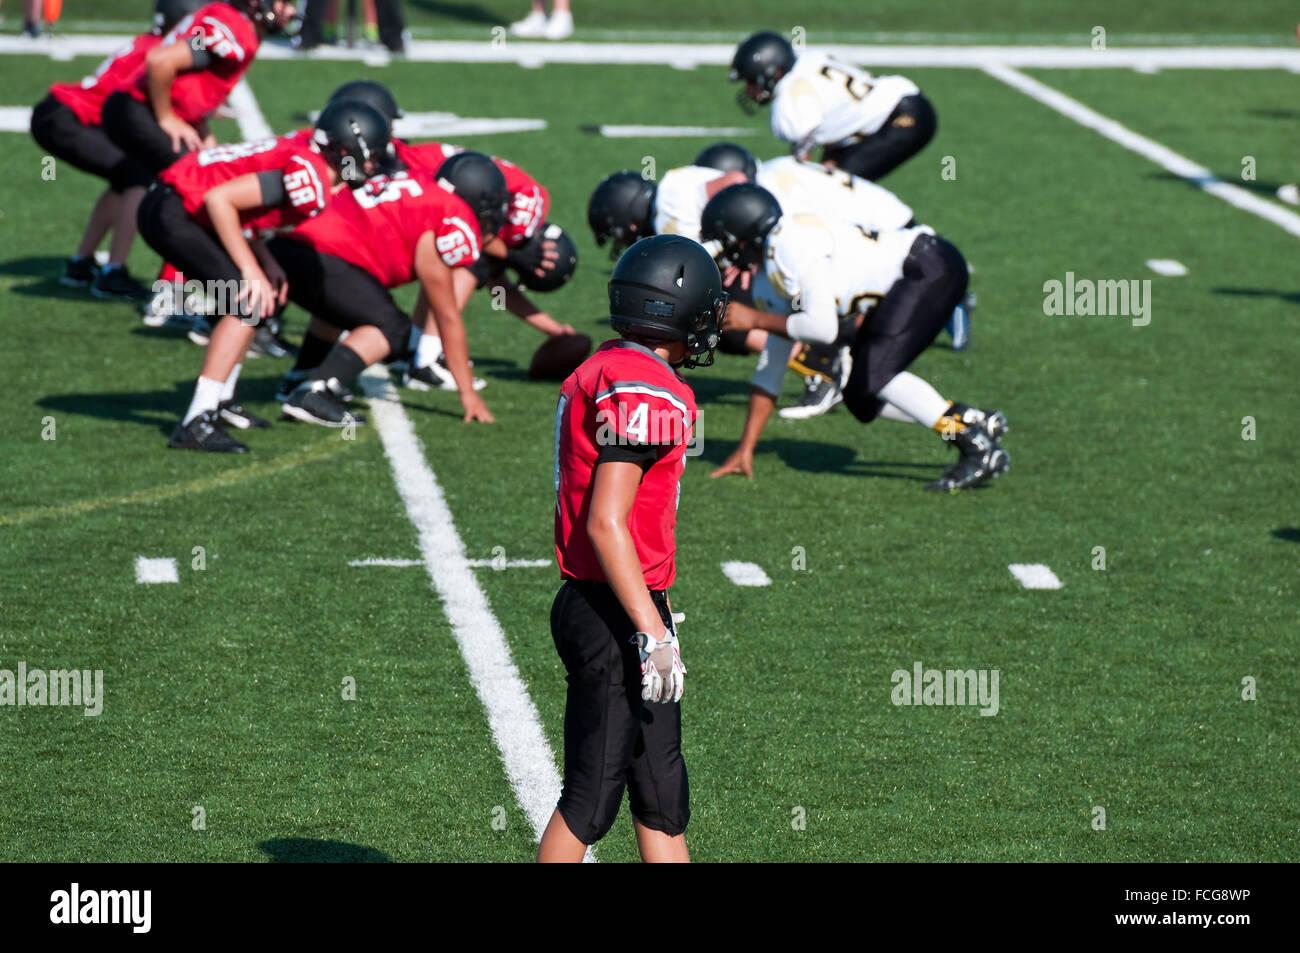 Receptor de alta escuela de fútbol americano esperando play para iniciar durante el juego. Imagen De Stock